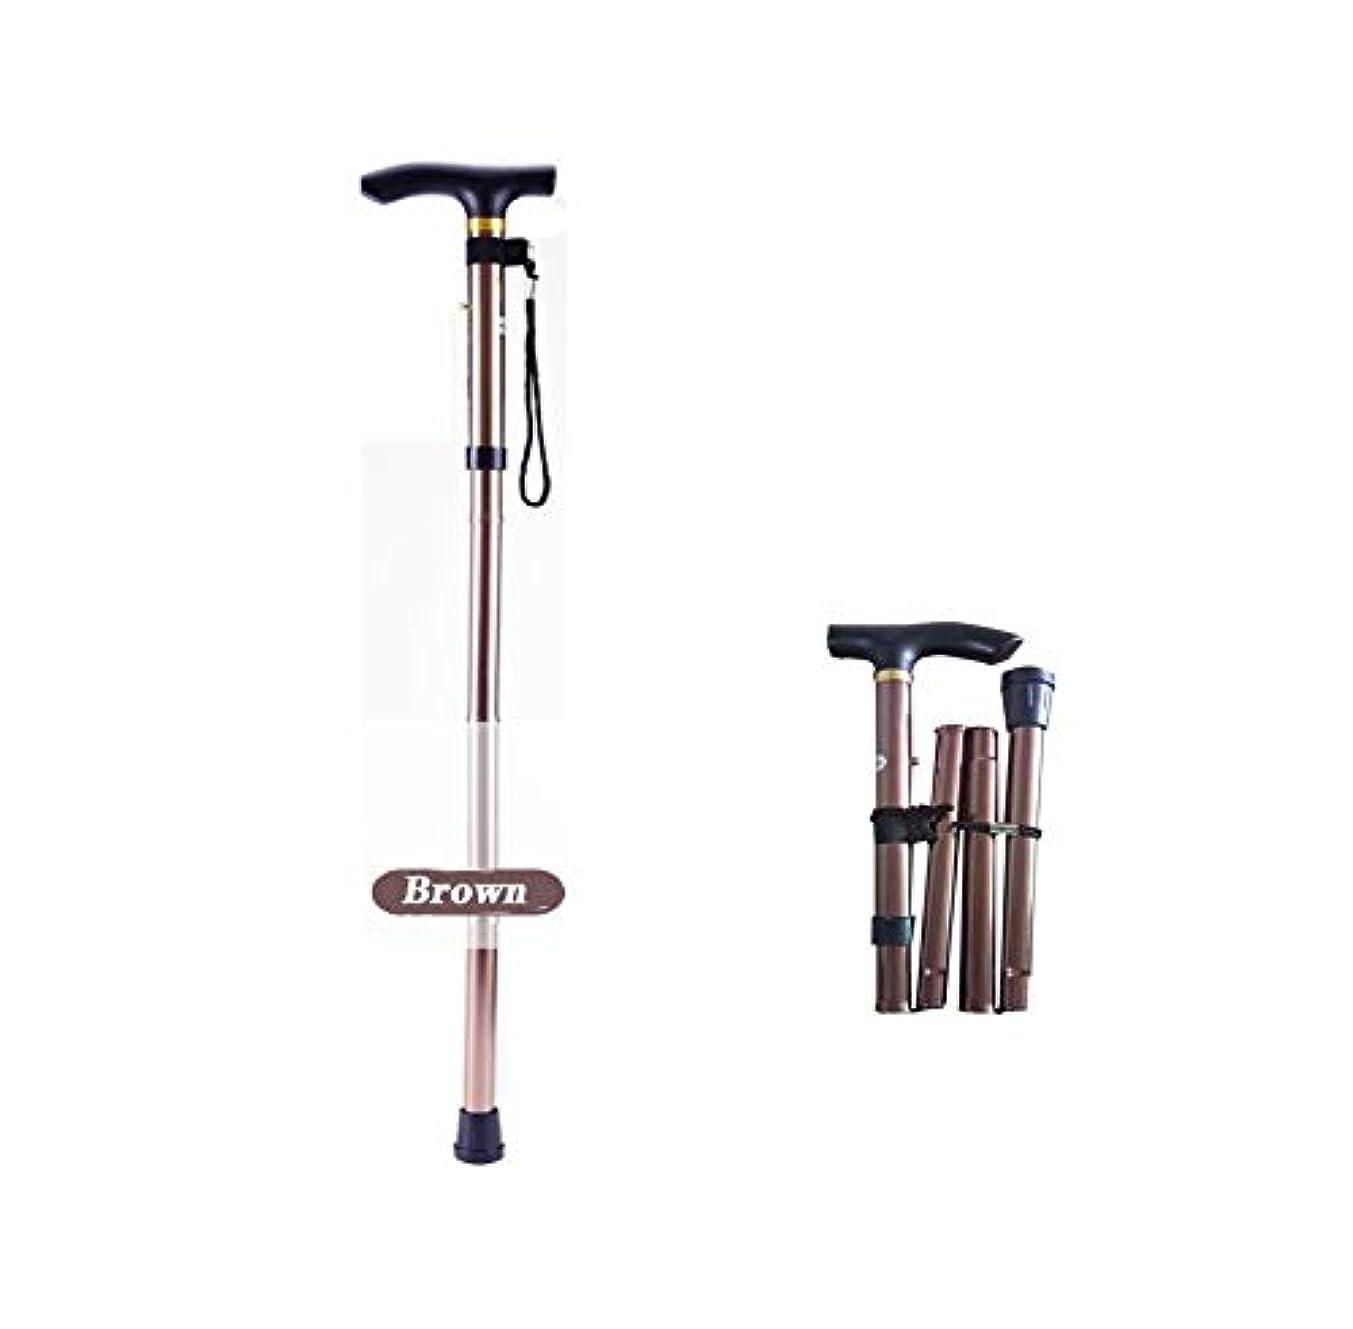 同時雪の人種折りたたみ杖、柔軟で丈夫な歩行補助具、調節可能なクイックロック、軽量折りたたみバー